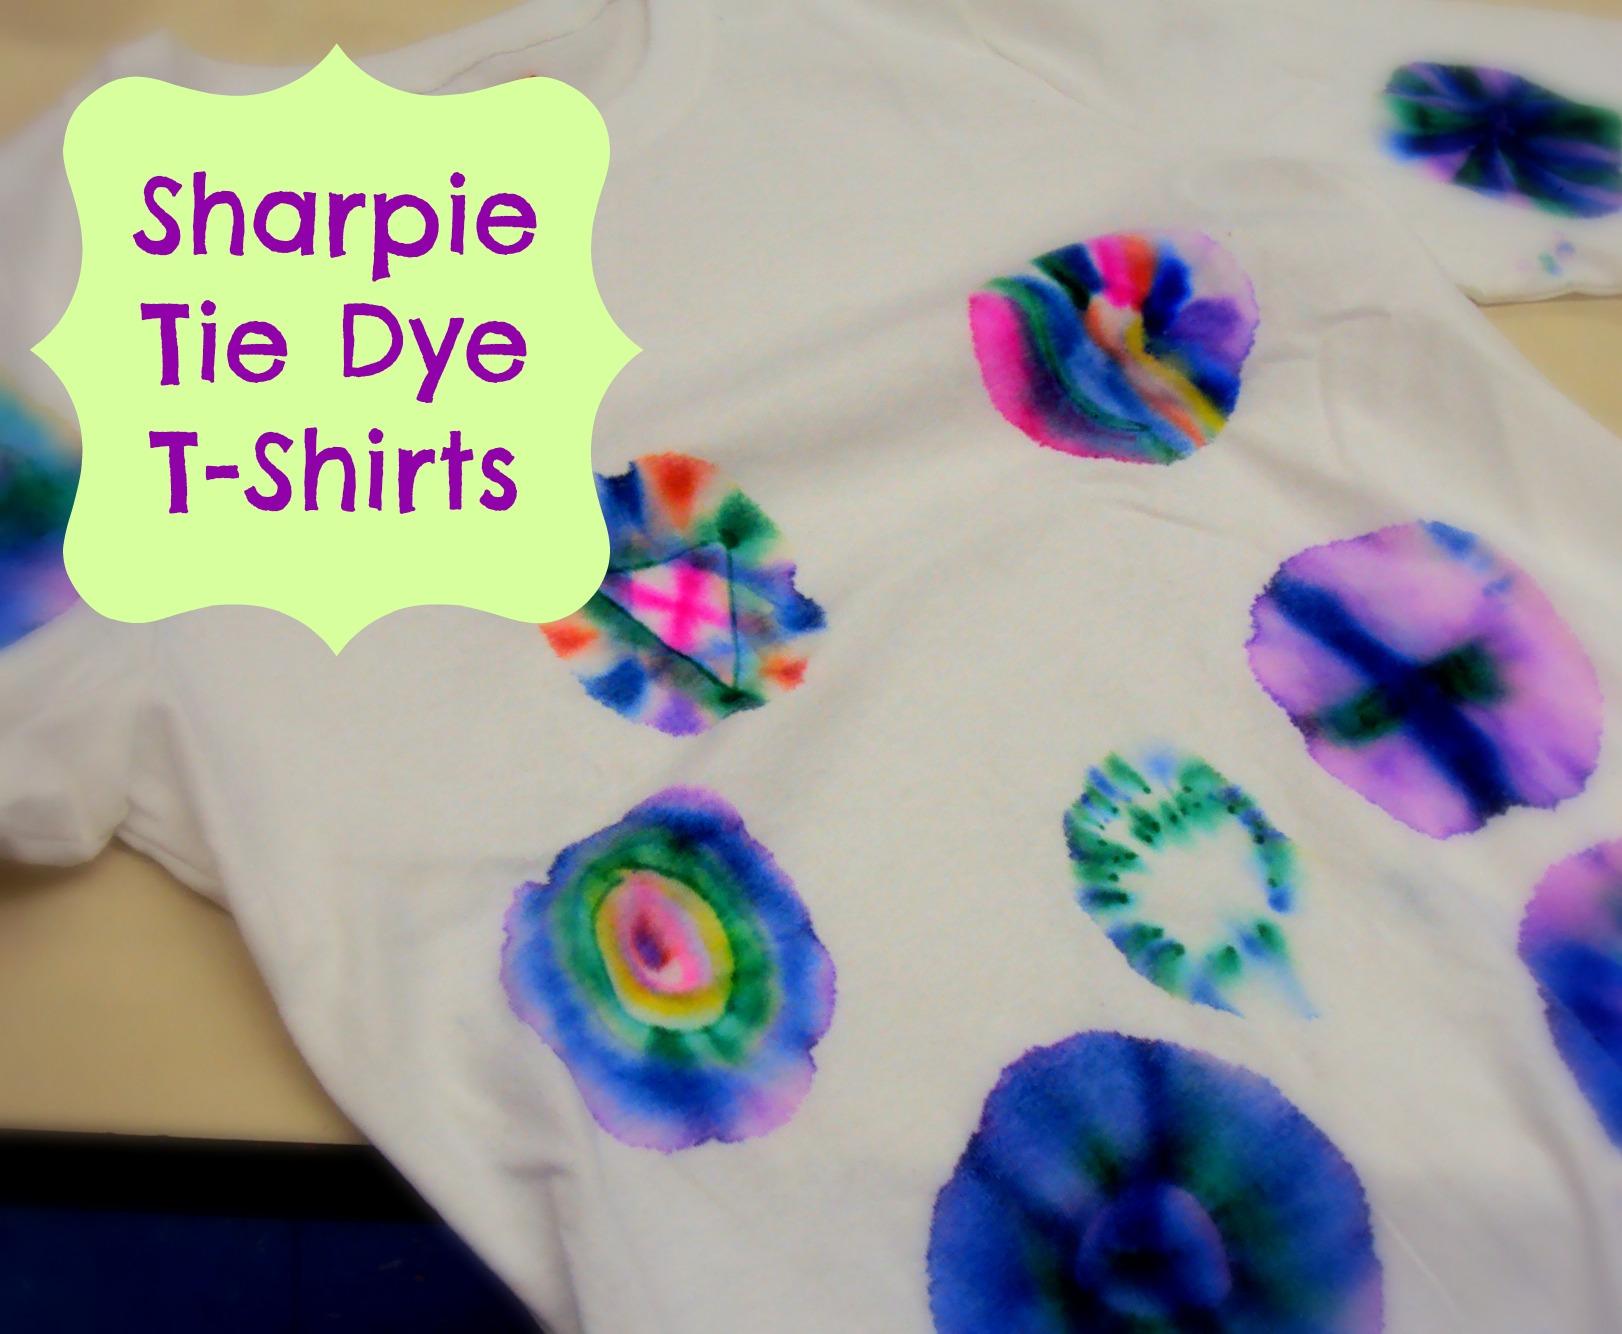 d6176a4e63b3 WeeWork Kids Craft  Sharpie Tie Dye Tees